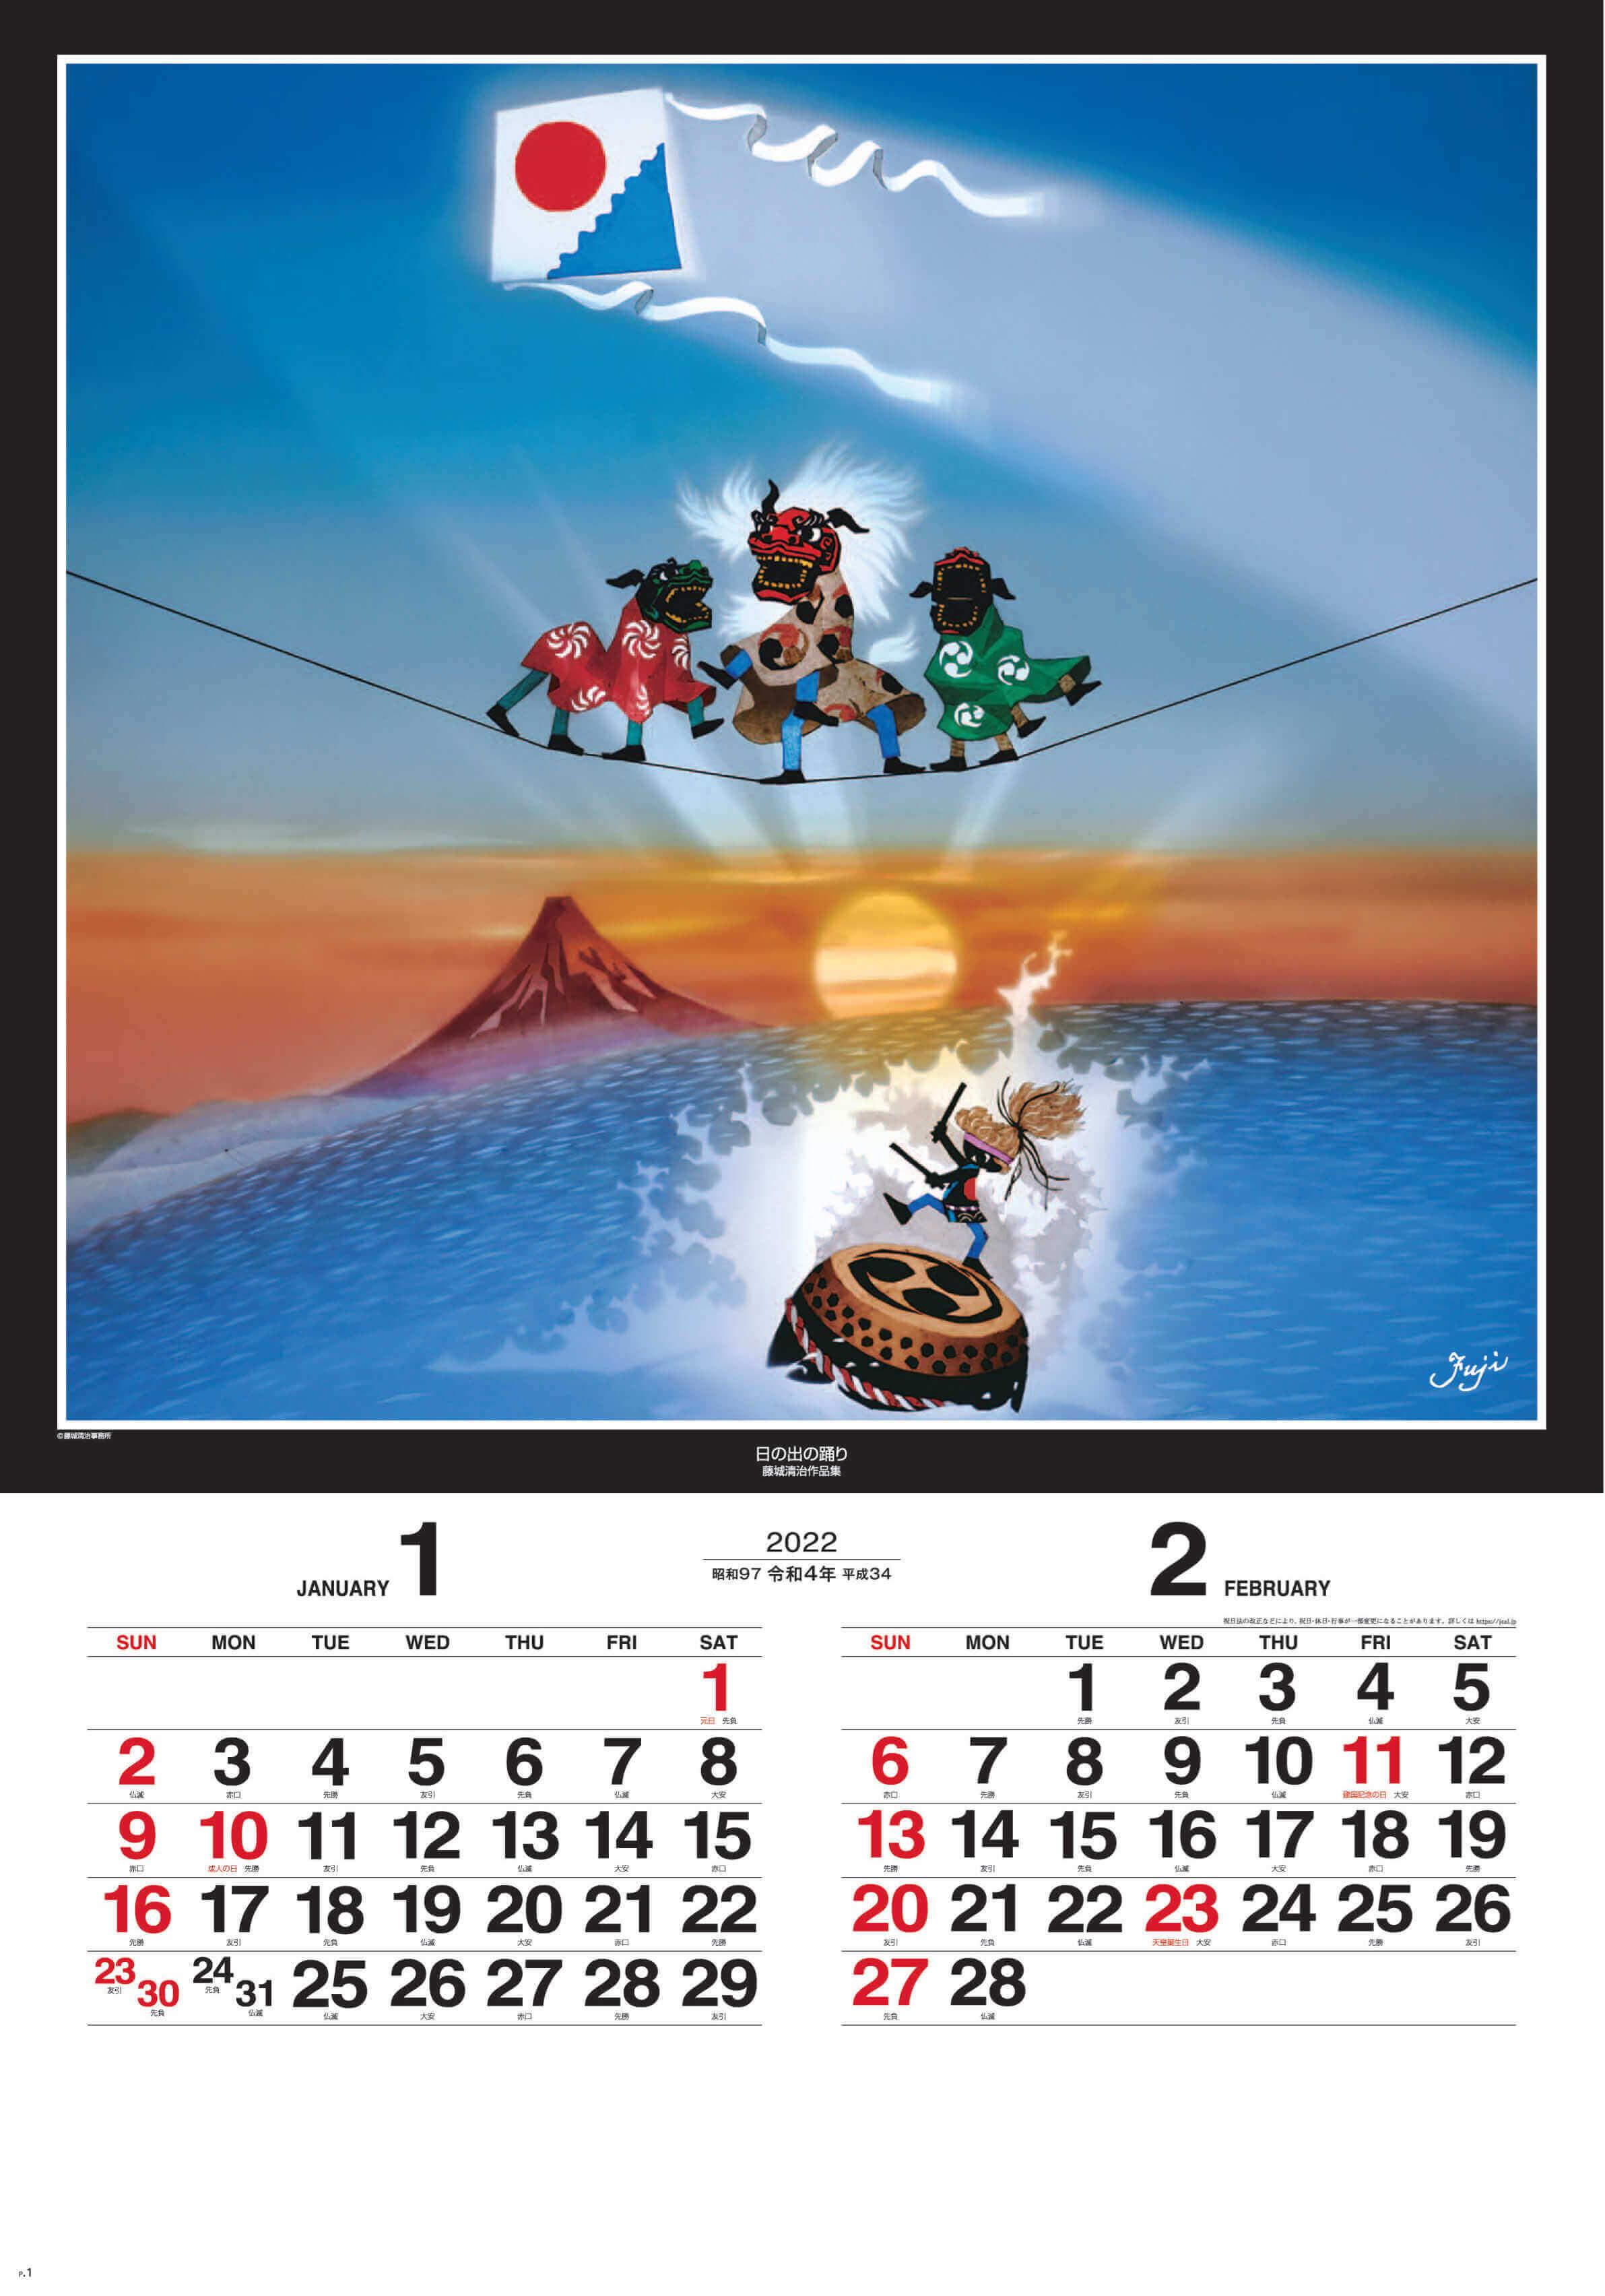 1-2月 日の出の踊り 遠い日の風景から(影絵)(フィルムカレンダー) 藤城清治 2022年カレンダーの画像